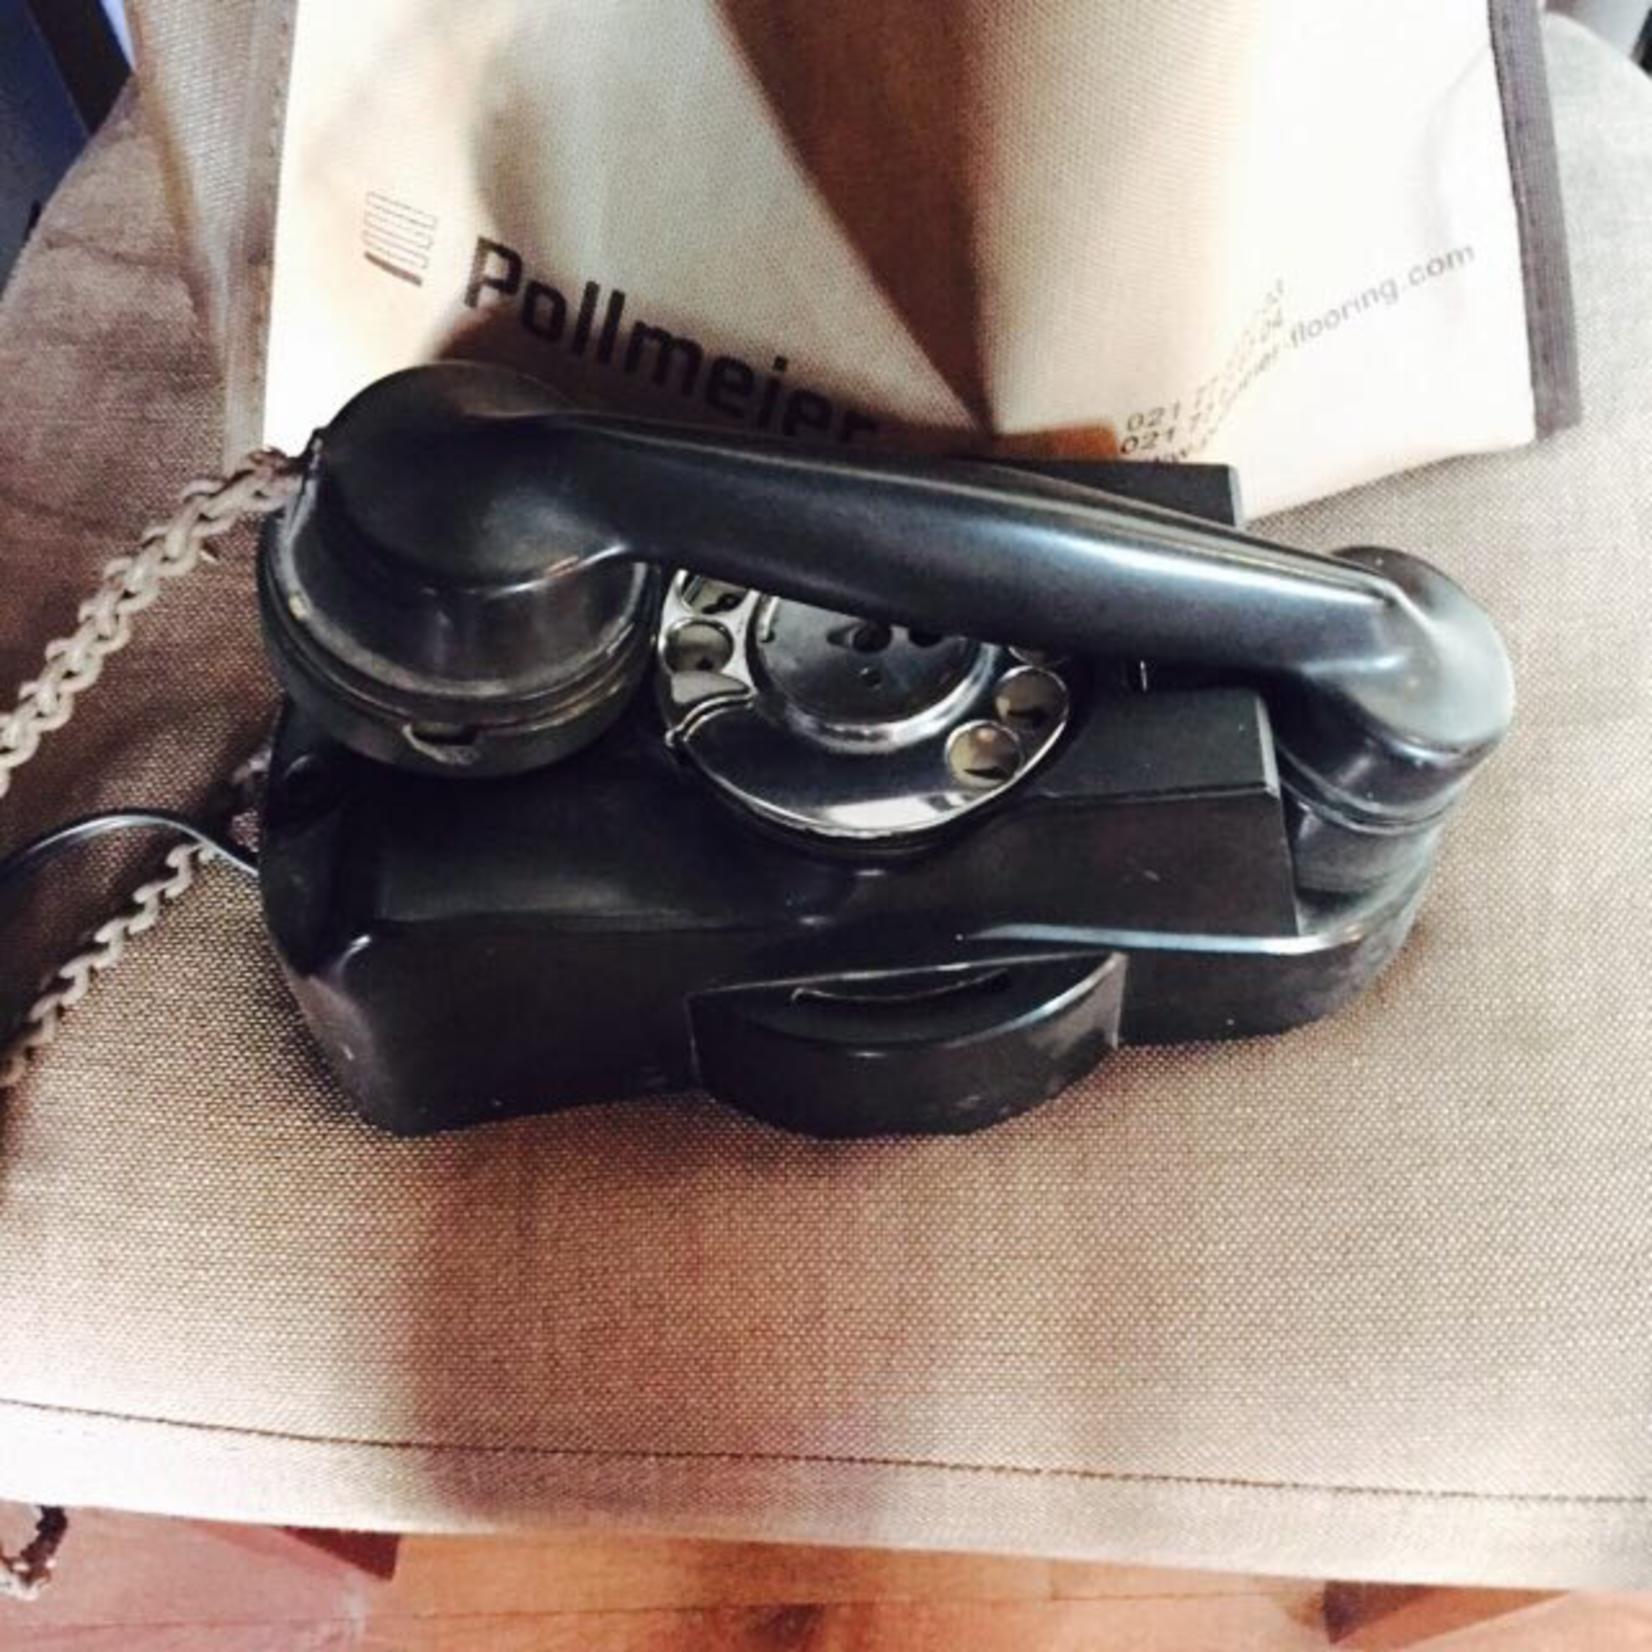 TAJHOME VINTAGE BLACK WALL PHONE